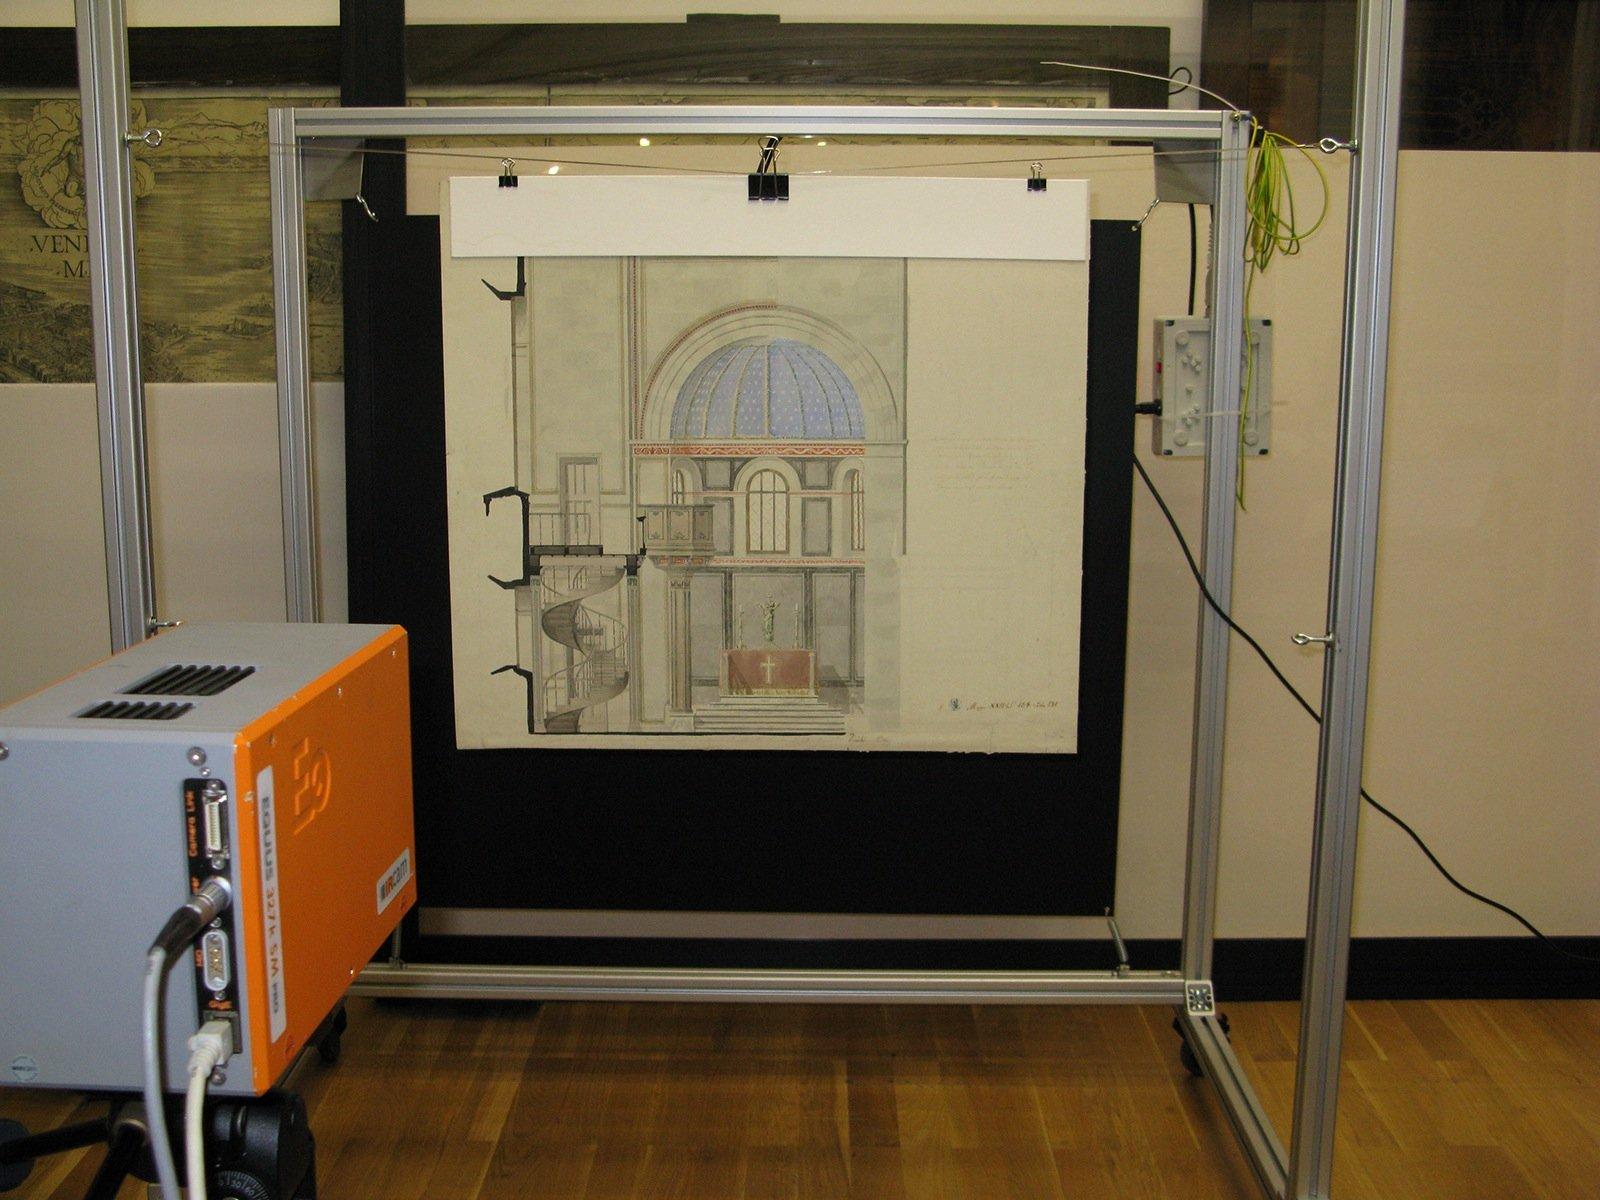 Großformatige Zeichnungen des Architekten Schinkel werden mit der Infrarotkamera durchleuchtet.